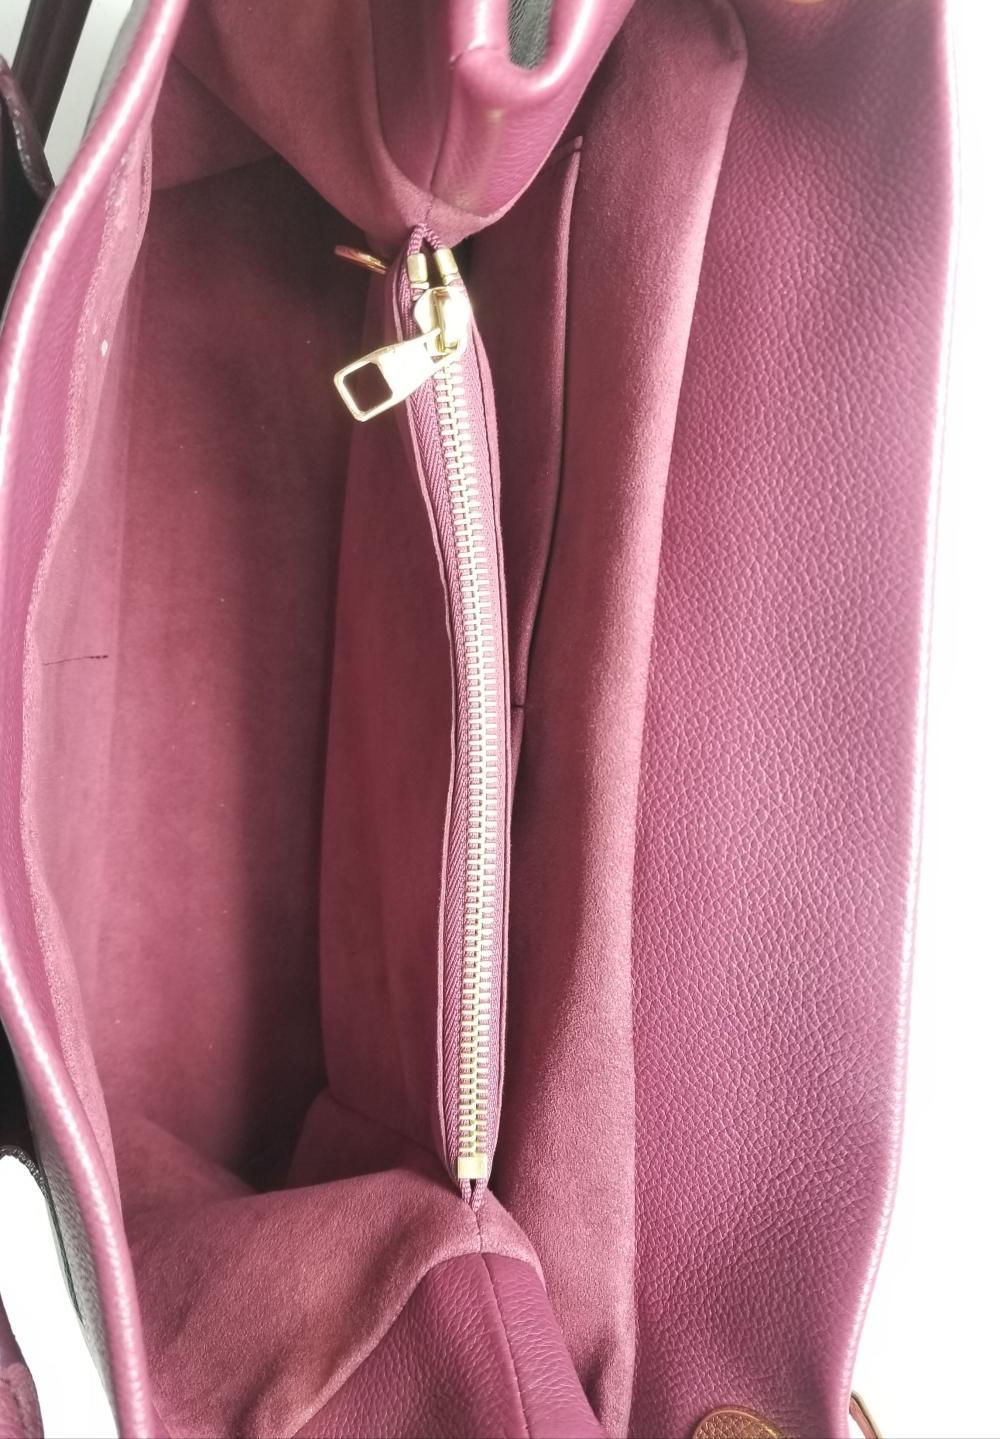 Lot 70: Designer Louis Vuitton Large Limited Edition Authentic Rare Shoulder Purse